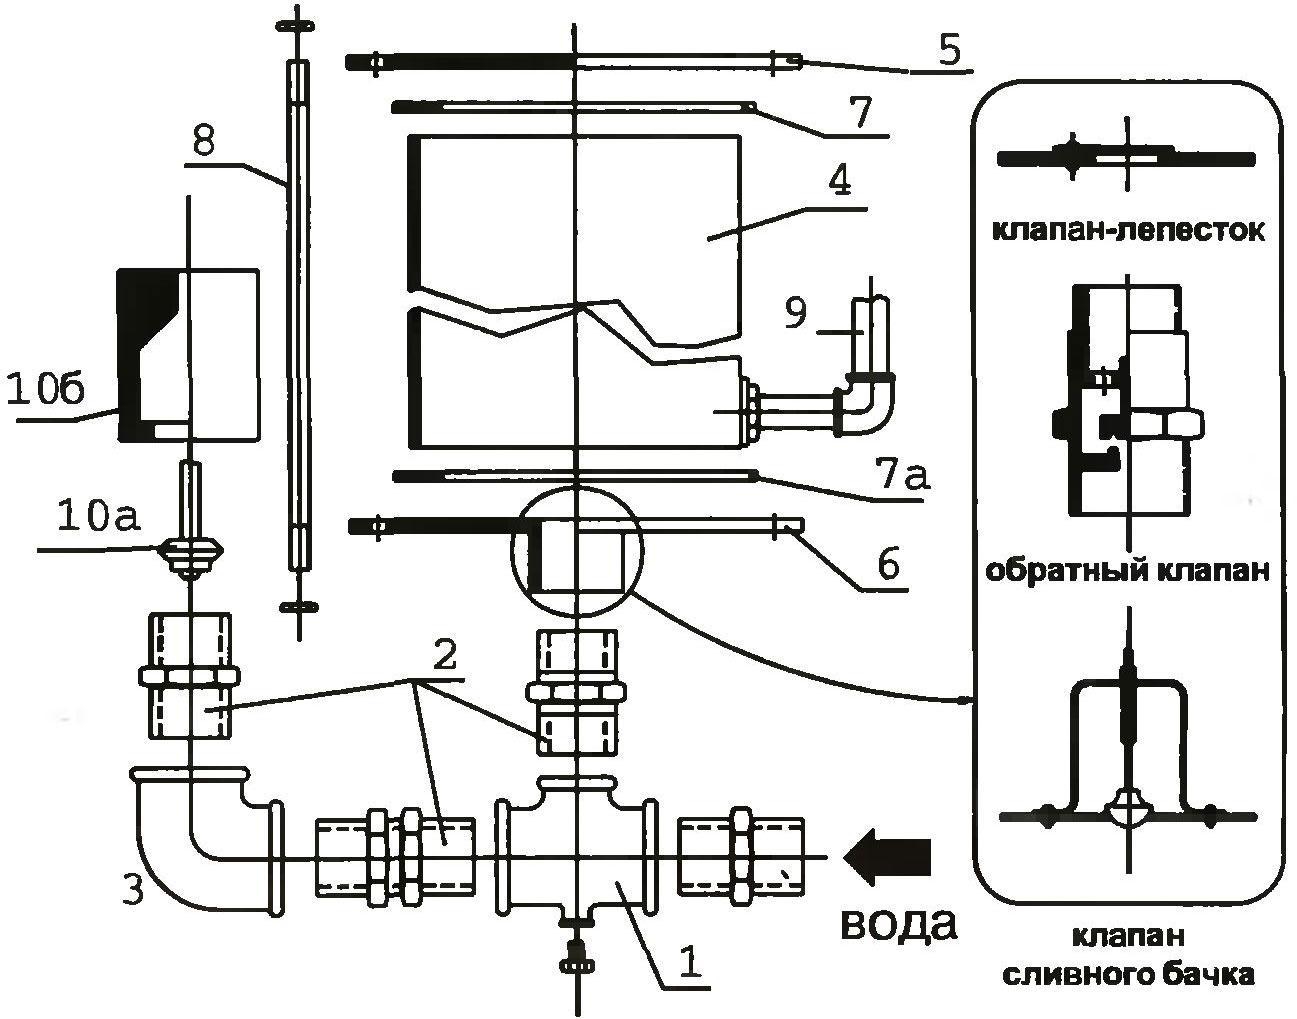 Прибор для проверки светодиодов подсветки жк-панелей своими руками